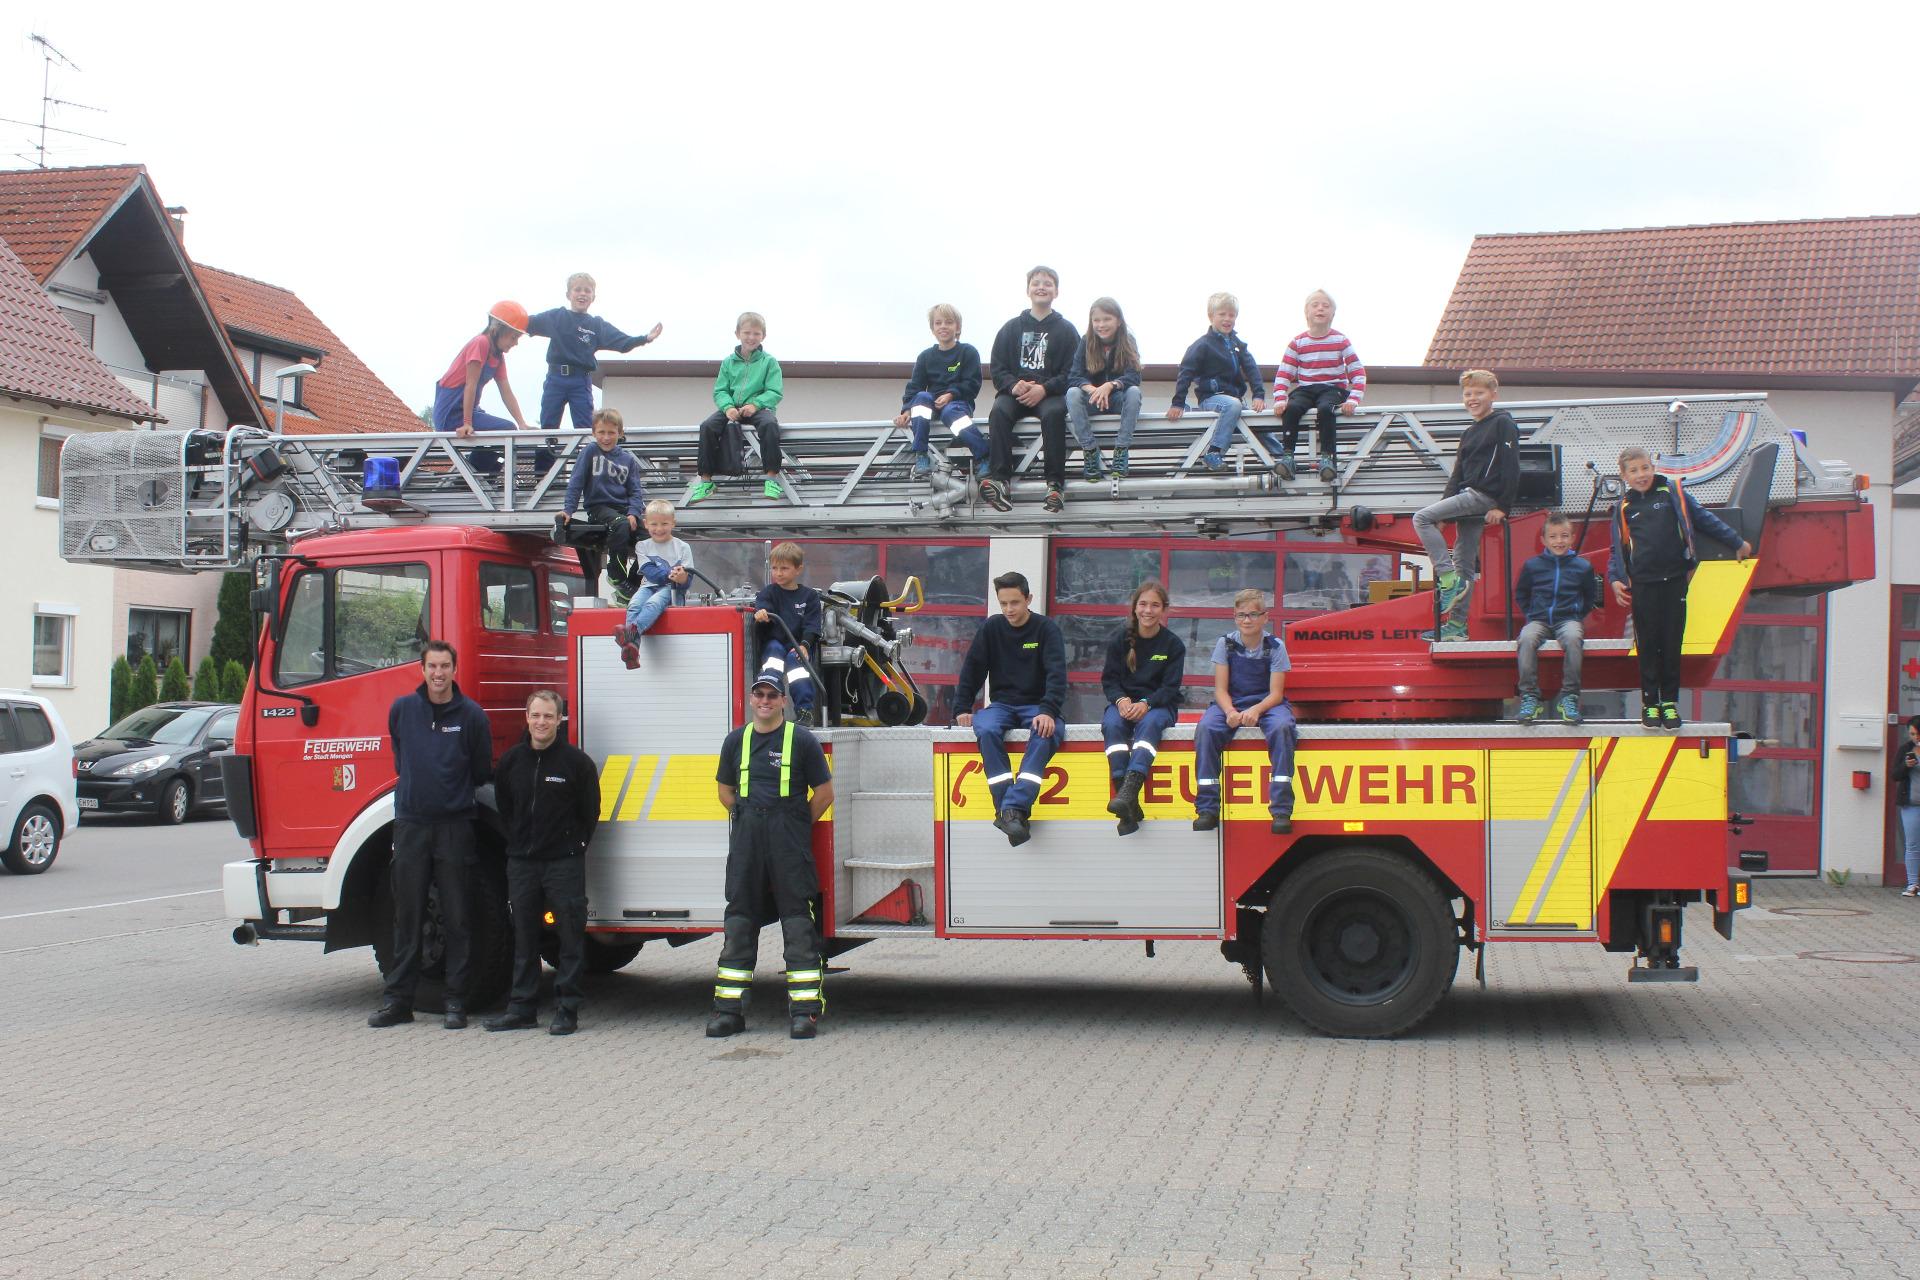 Klettergurt Feuerwehr : Freiwillige feuerwehr mengen kindersommer bei der